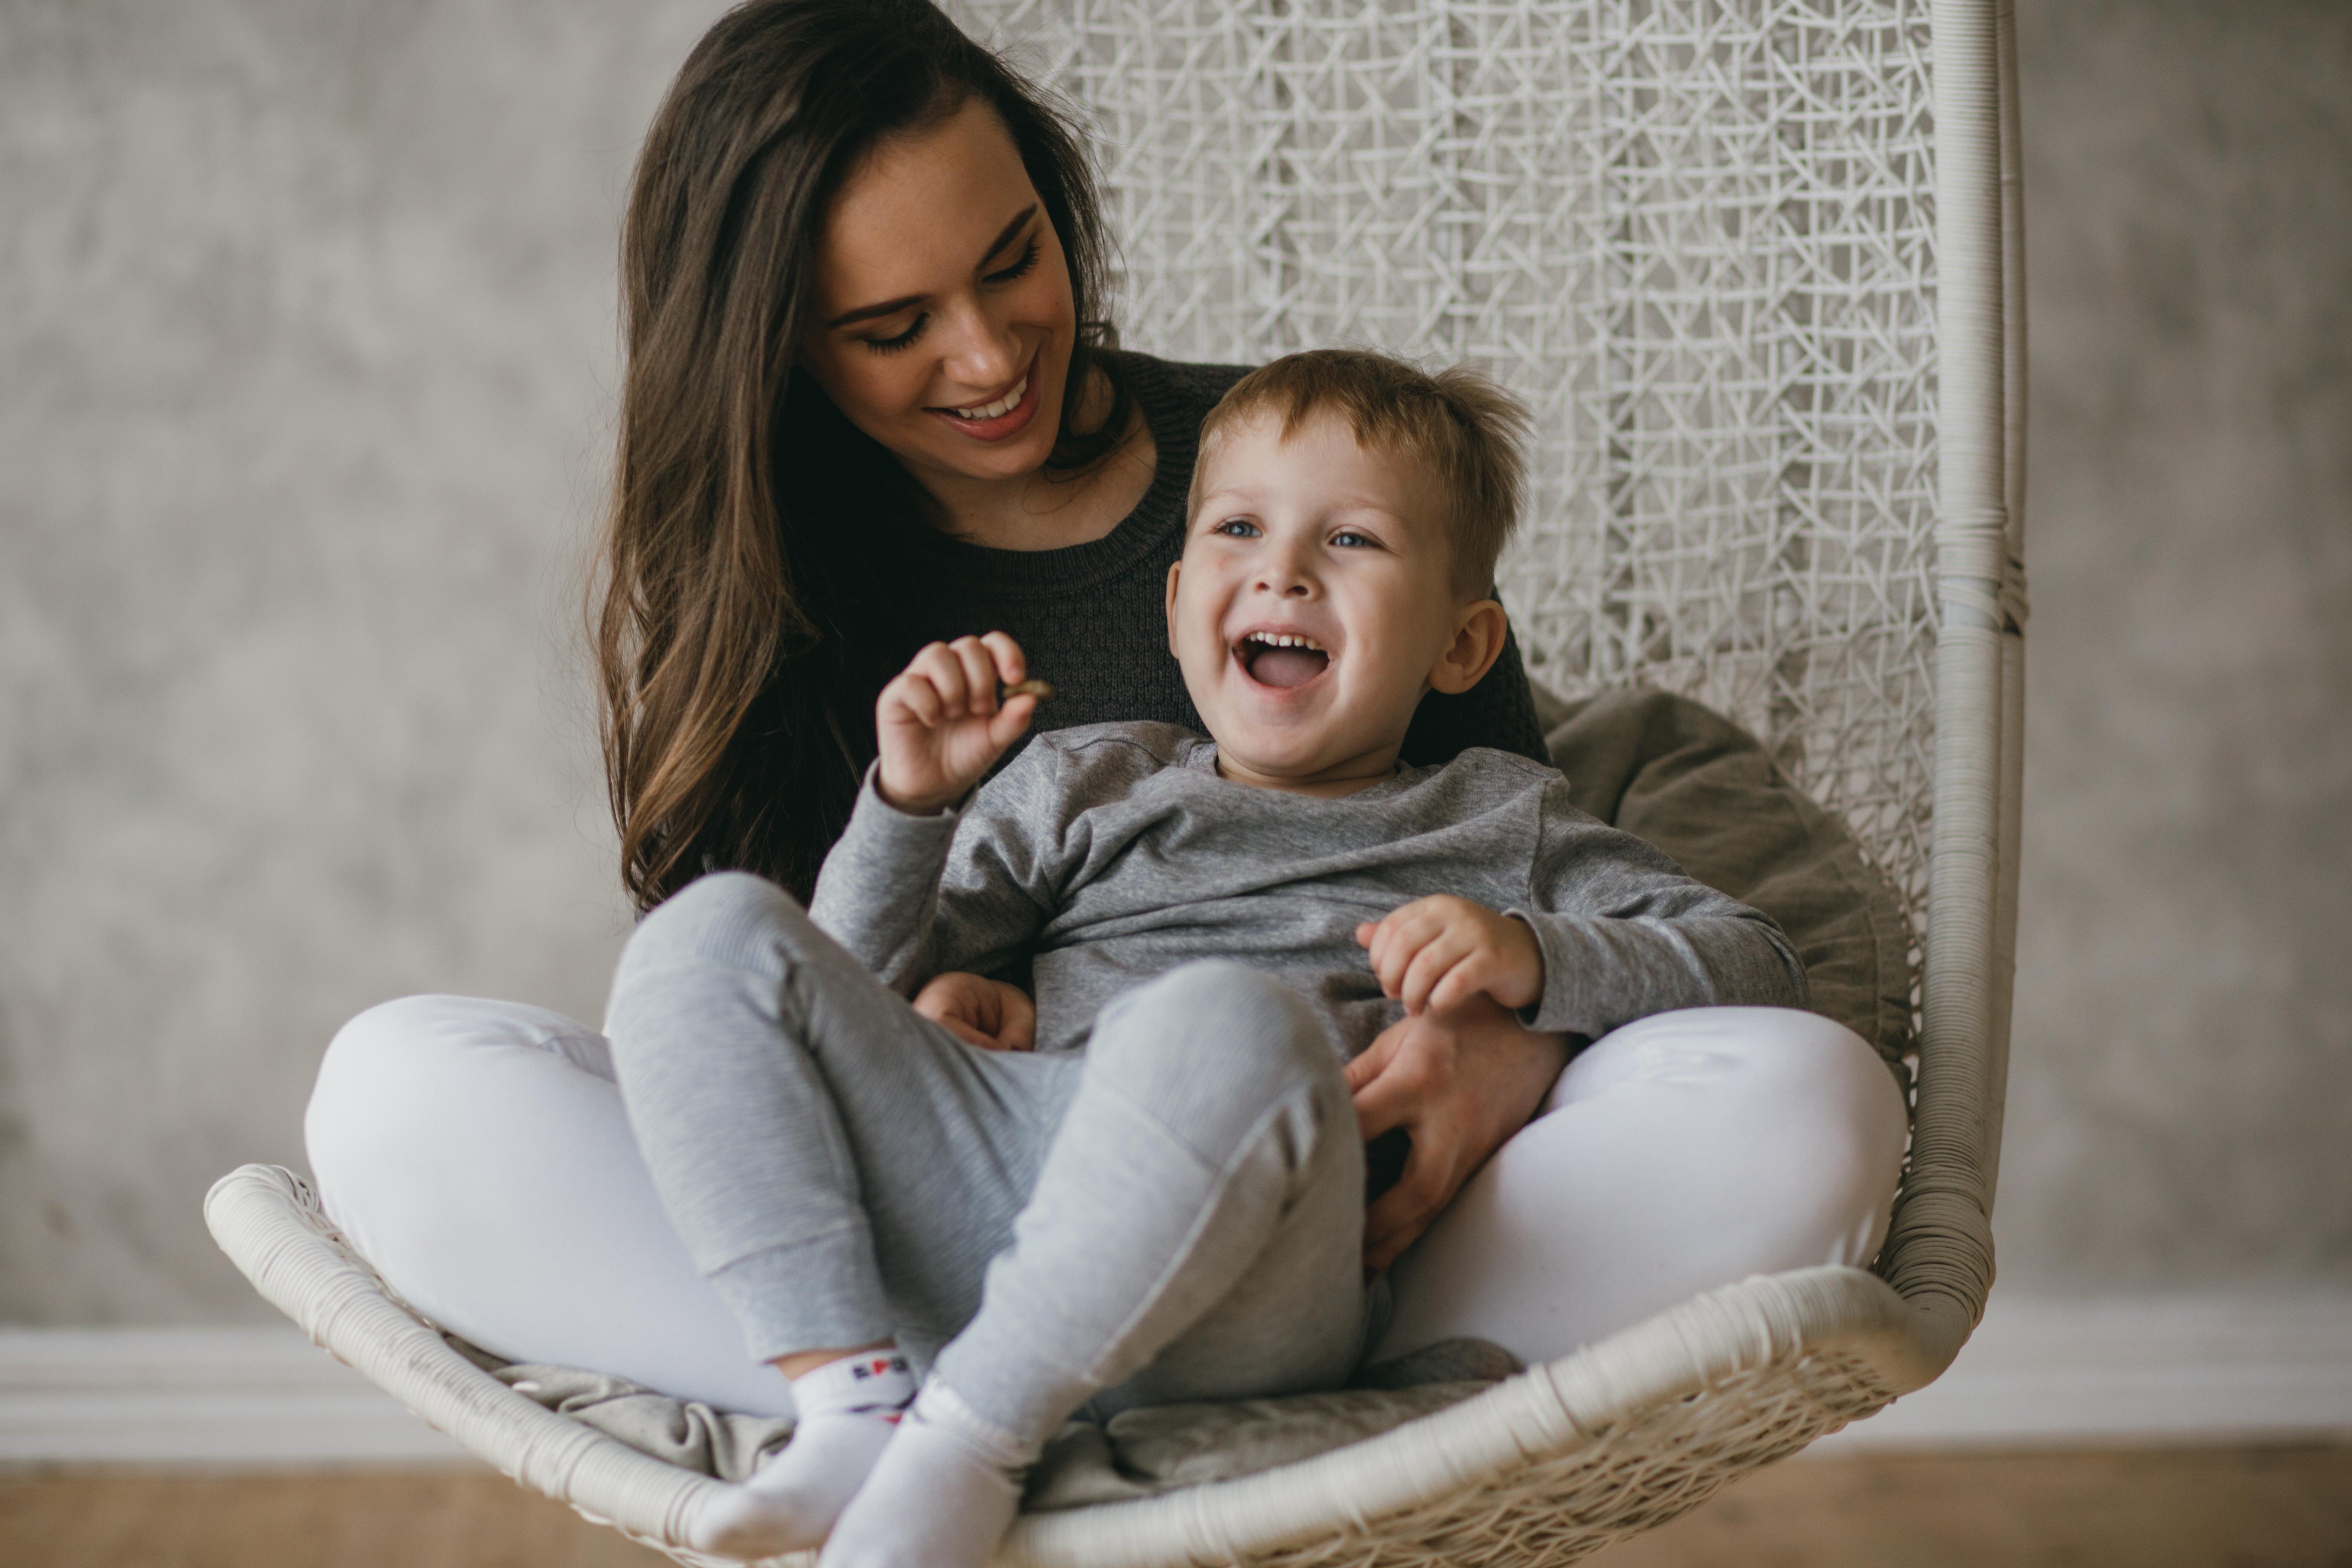 Алёна Муренцова: «Совмещать работу, дом и воспитание очень непросто»